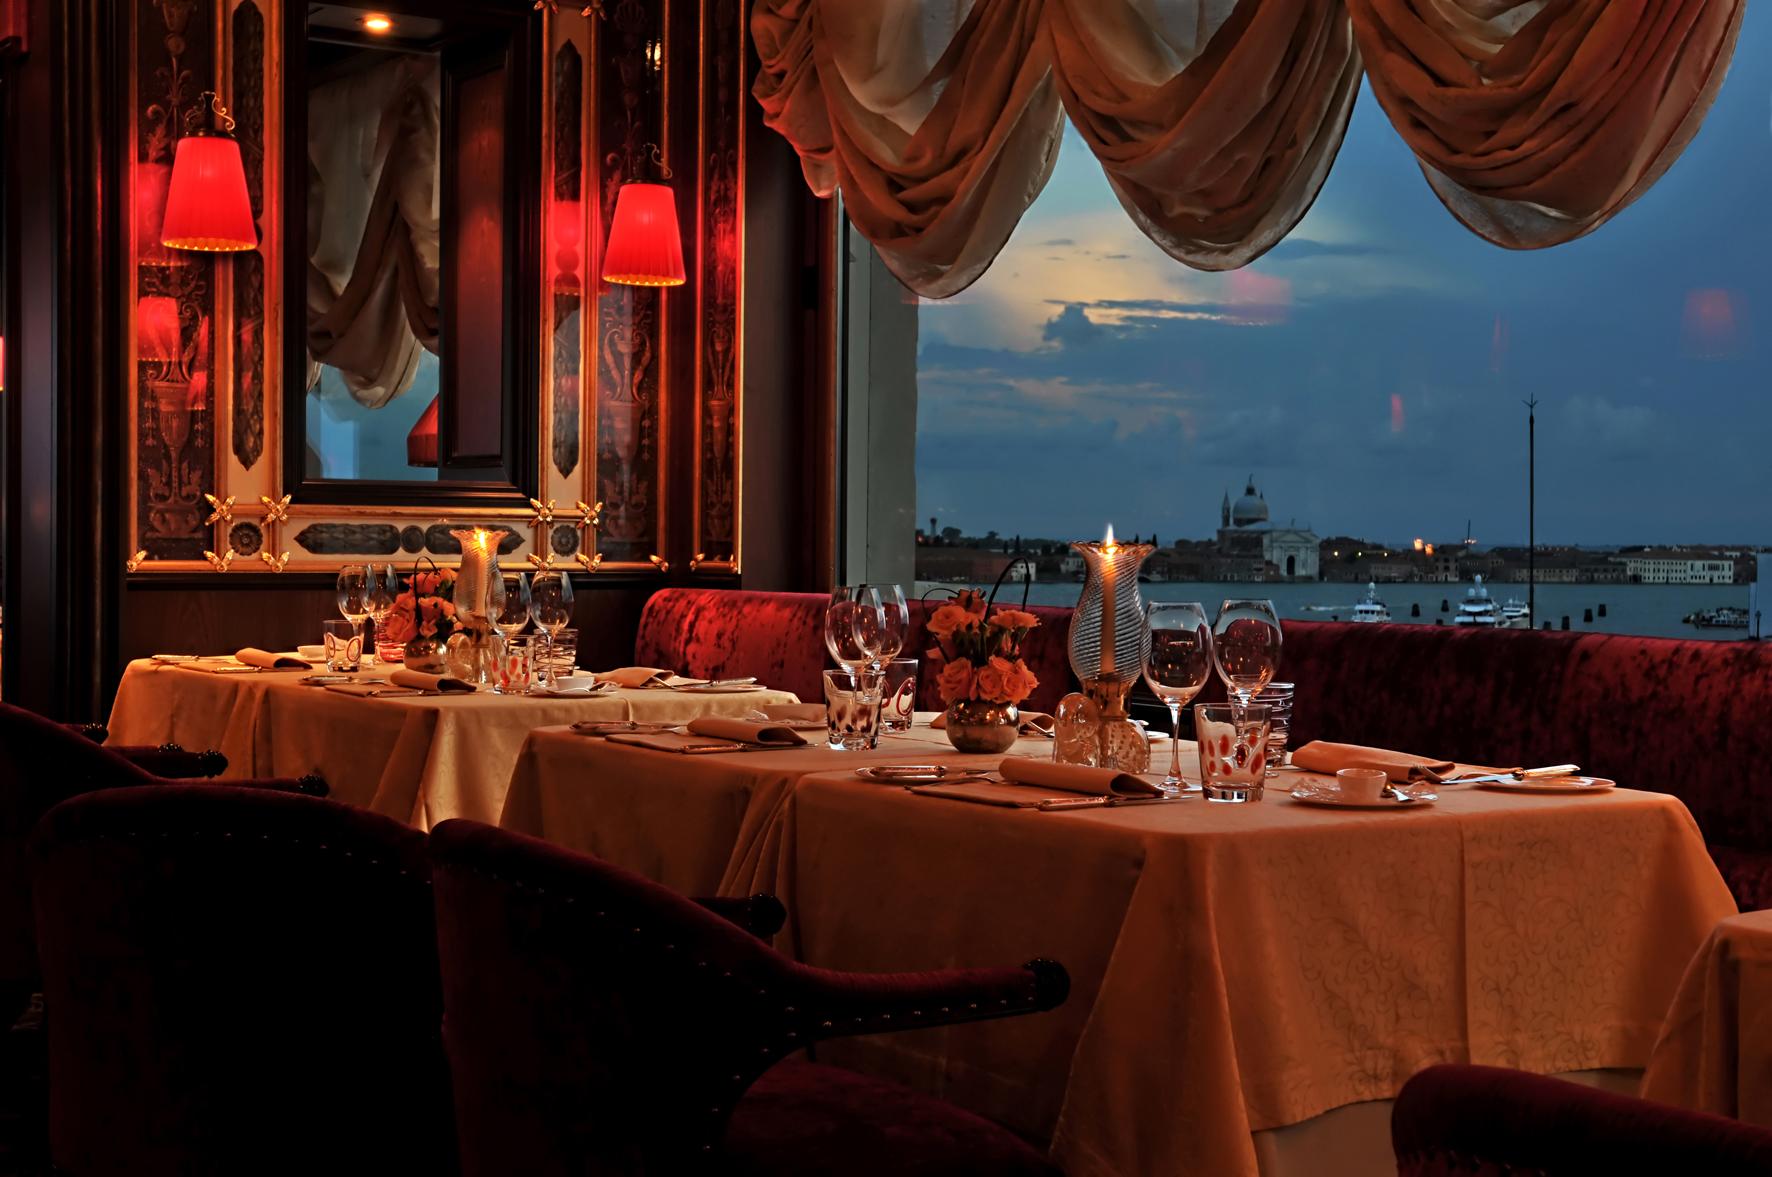 Venice-Restaurant-Terrazza-Danieli-at-dusk